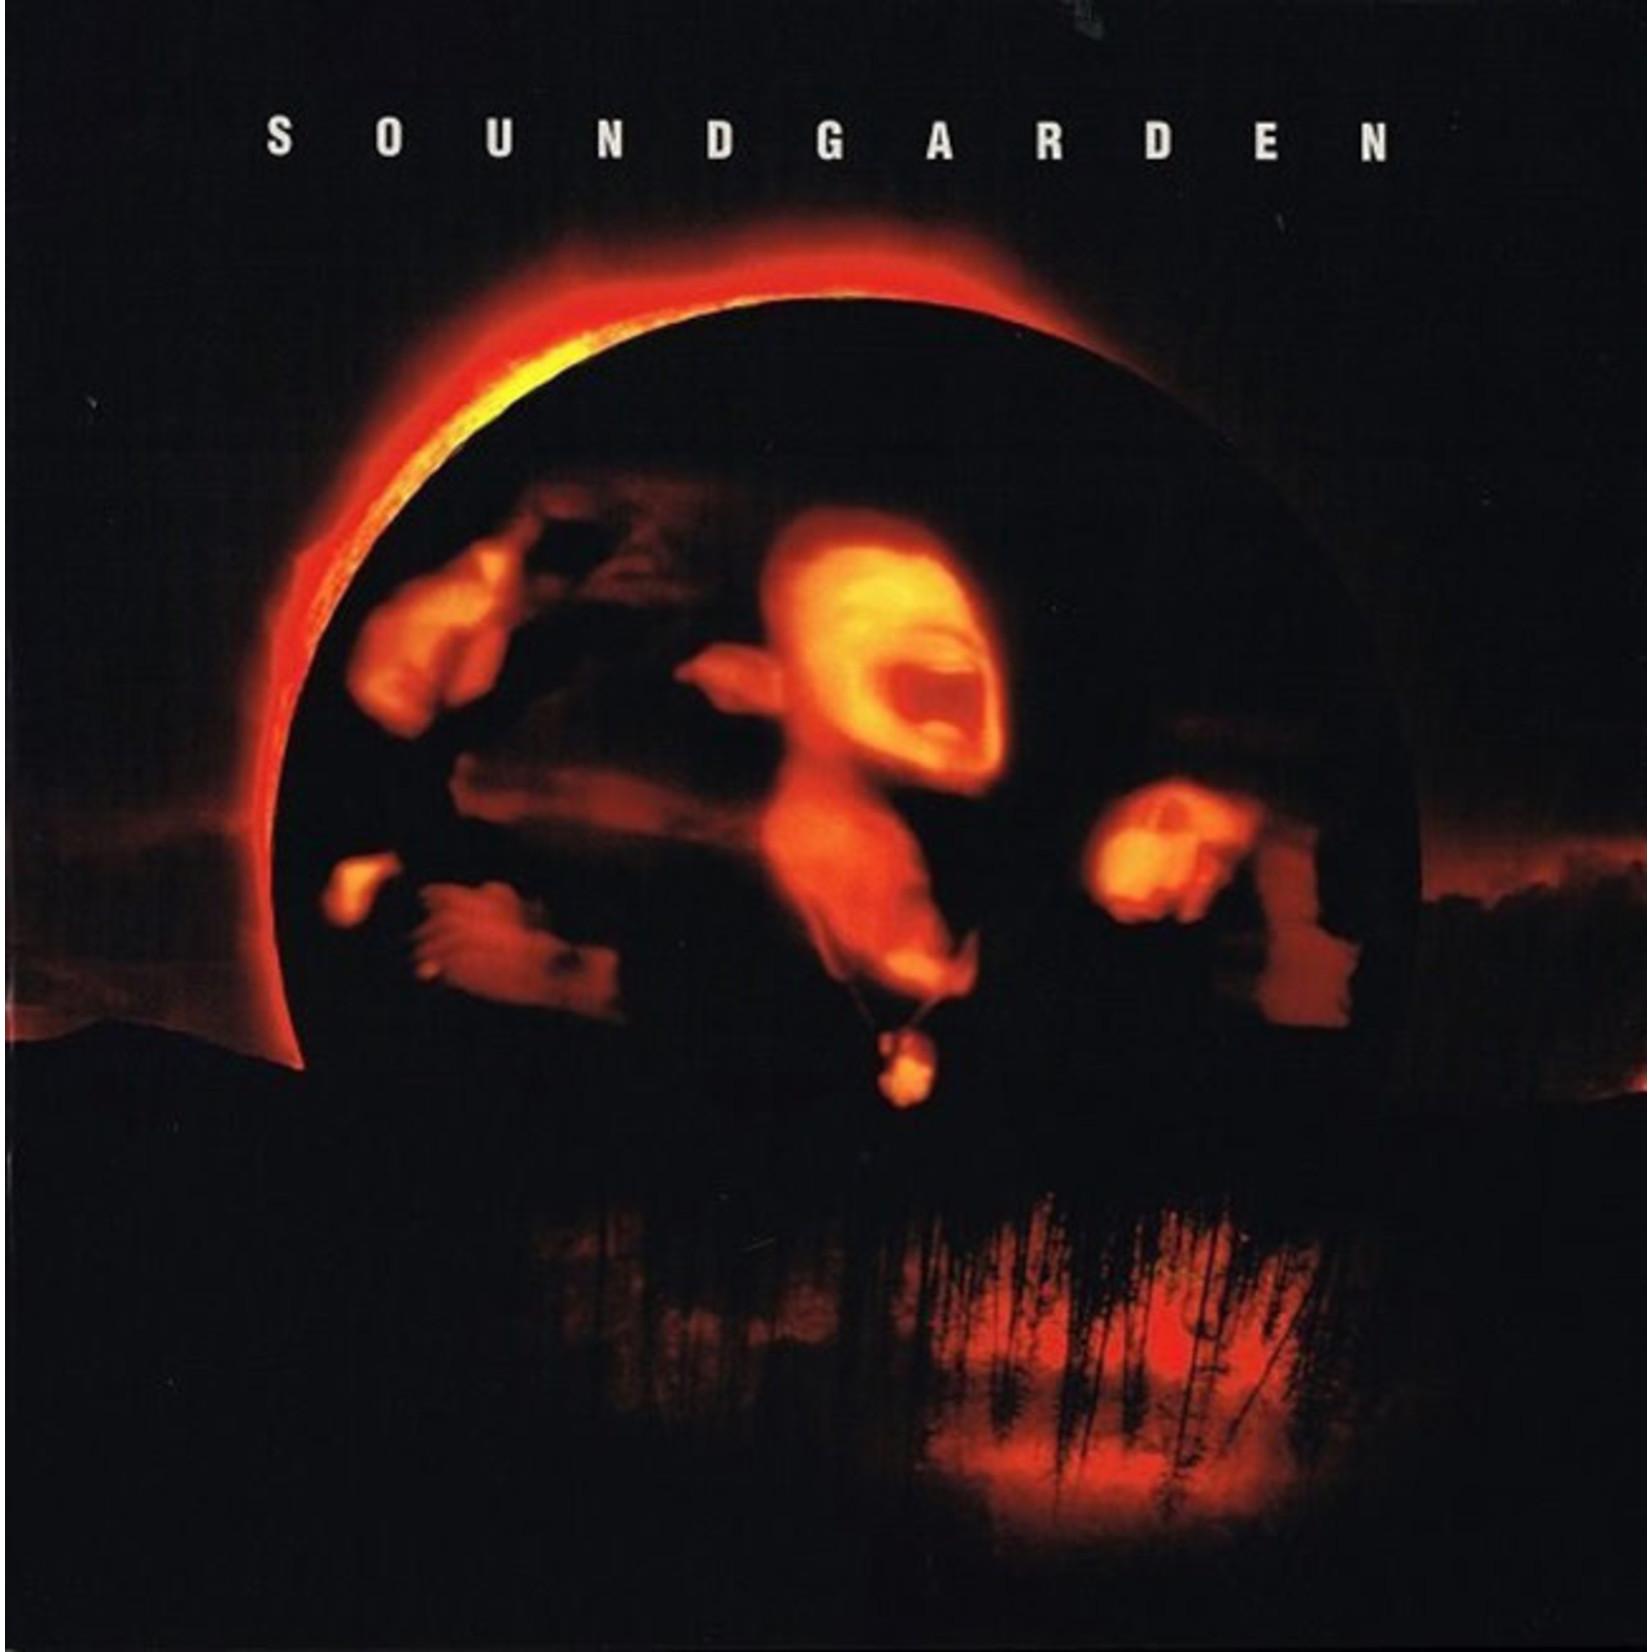 [New] Soundgarden: Superunknown (2LP)